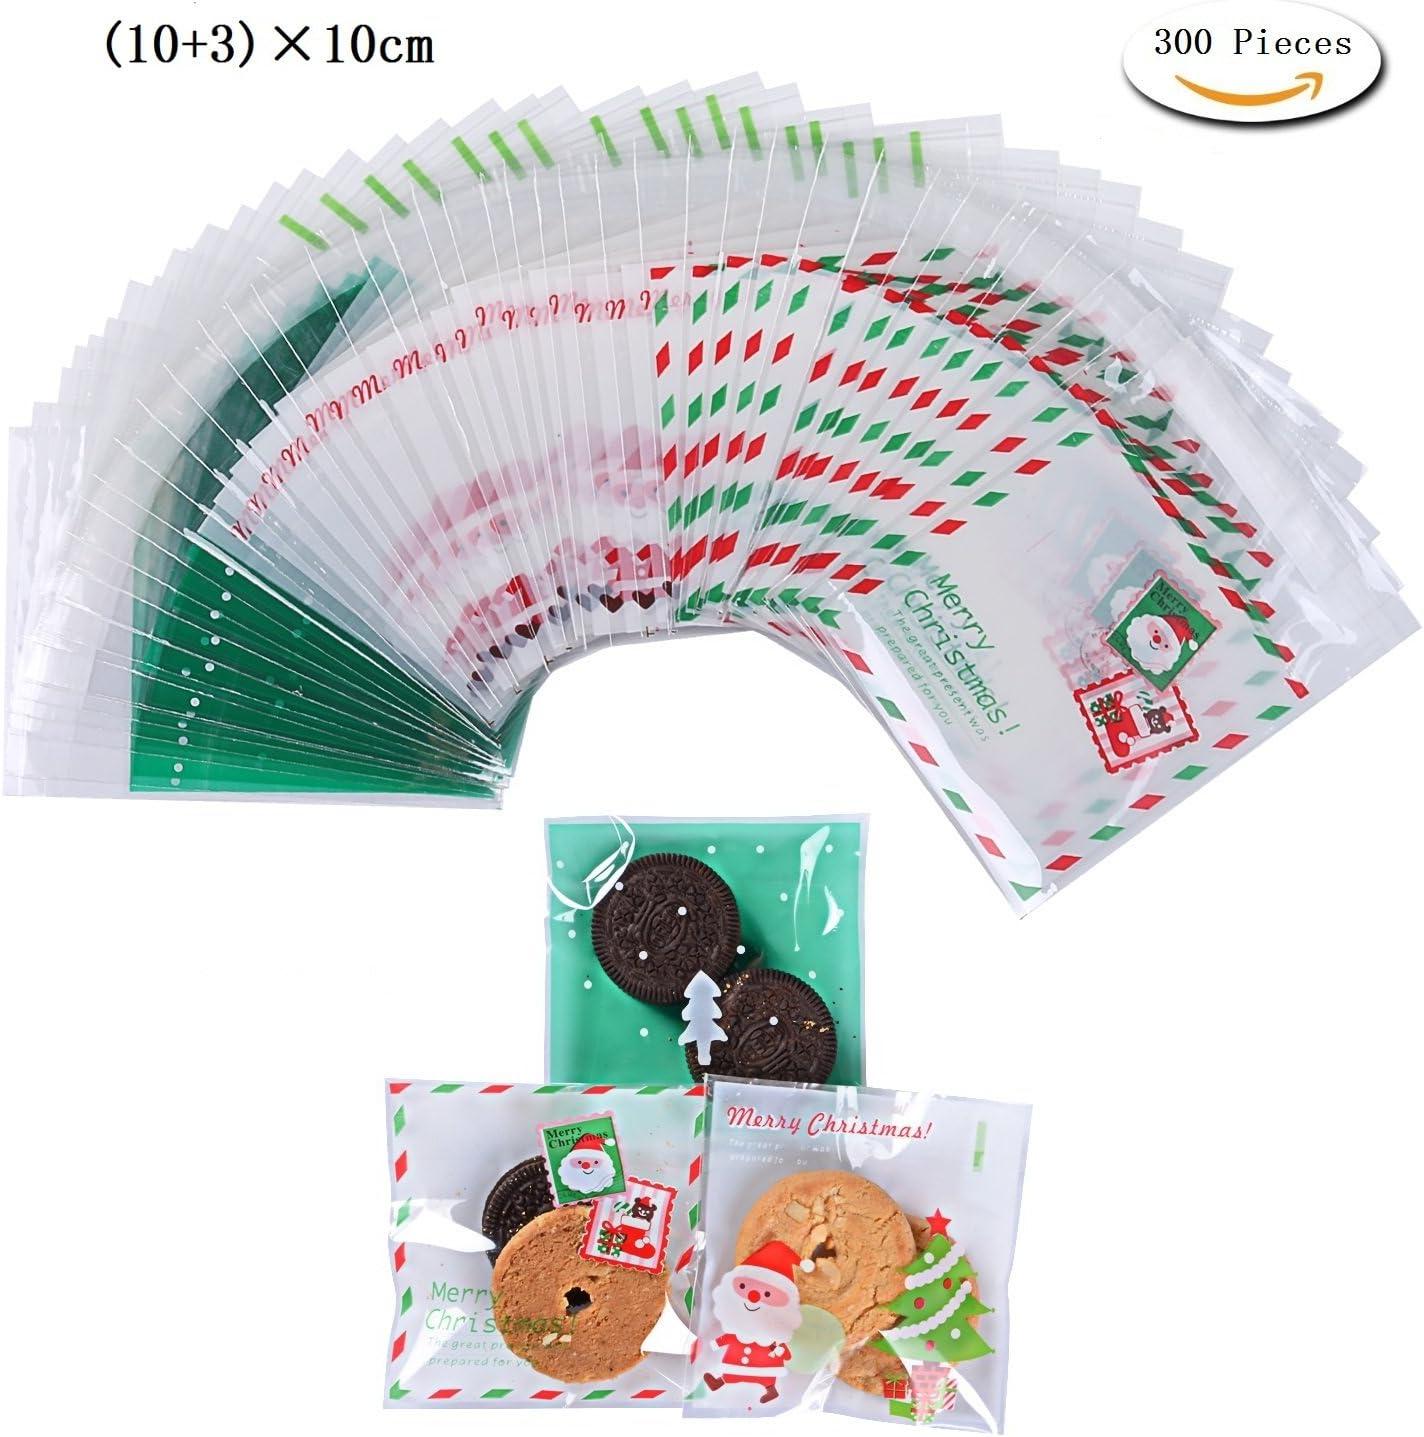 300pcs Bolsa de Caramelo Cajas de Tartas Cookie Panadería Biscuit Feliz Navidad Regalo Plástico (Christmas green)